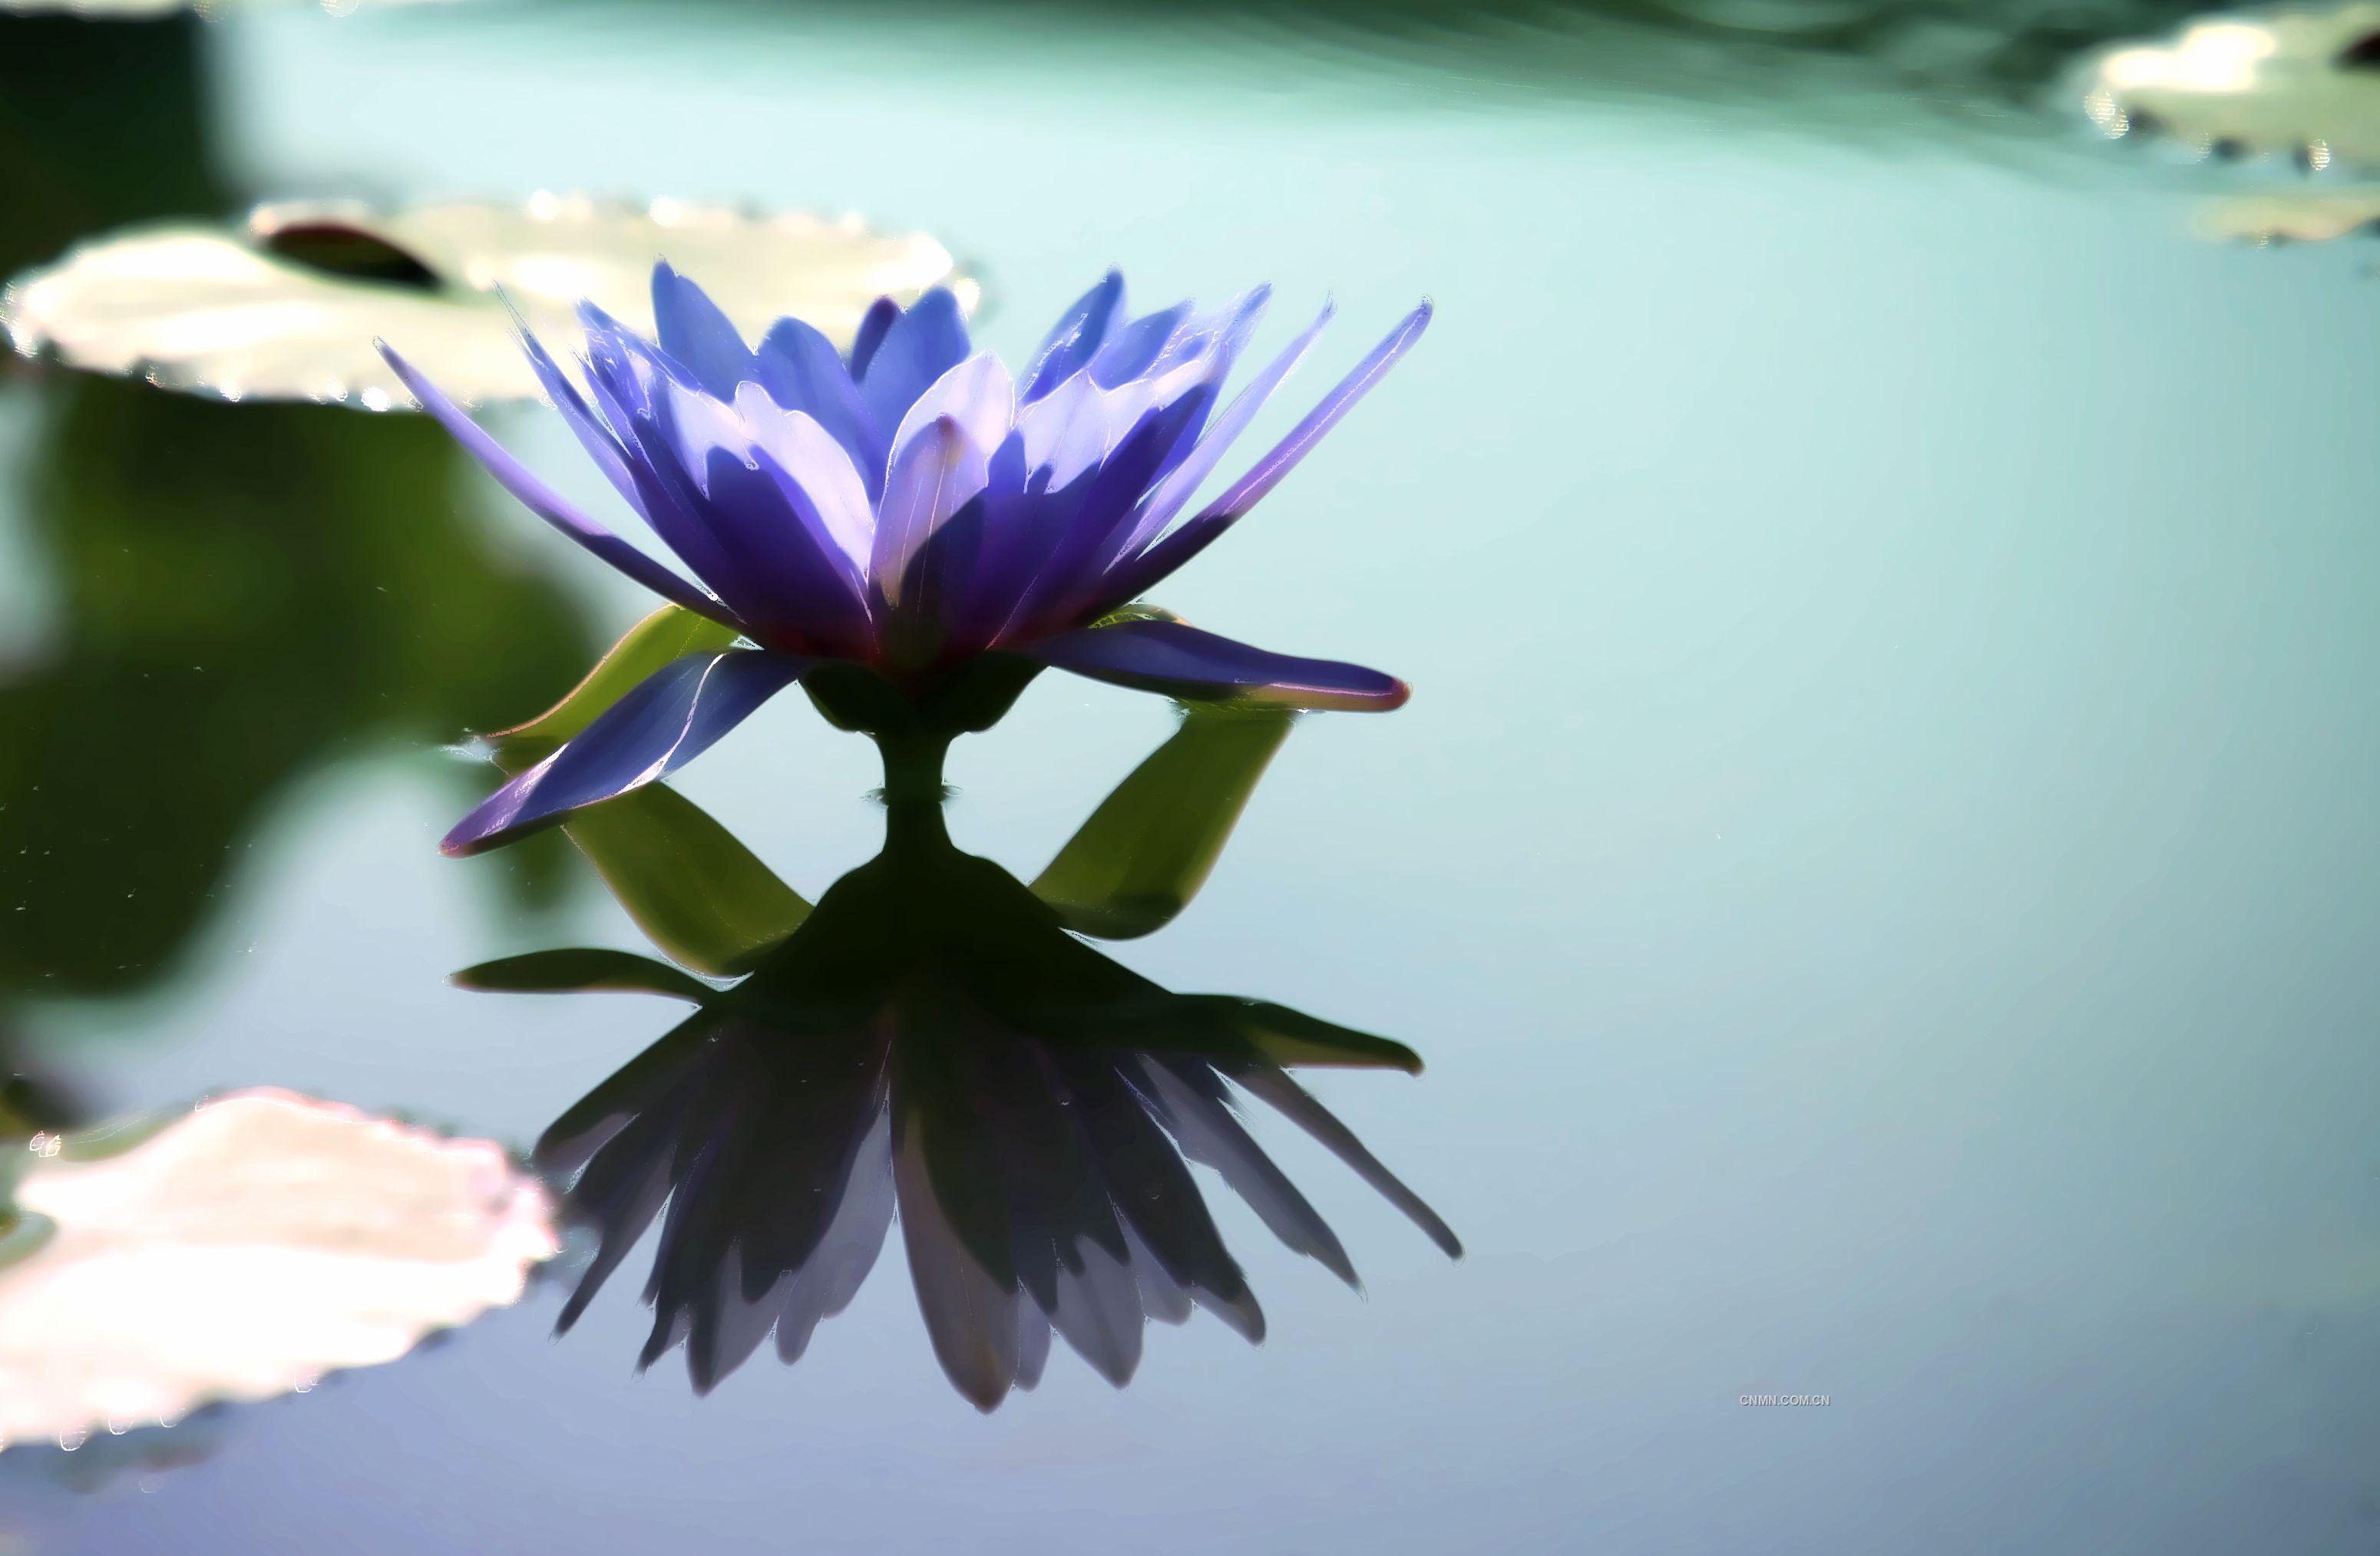 紫睡莲手绘高清